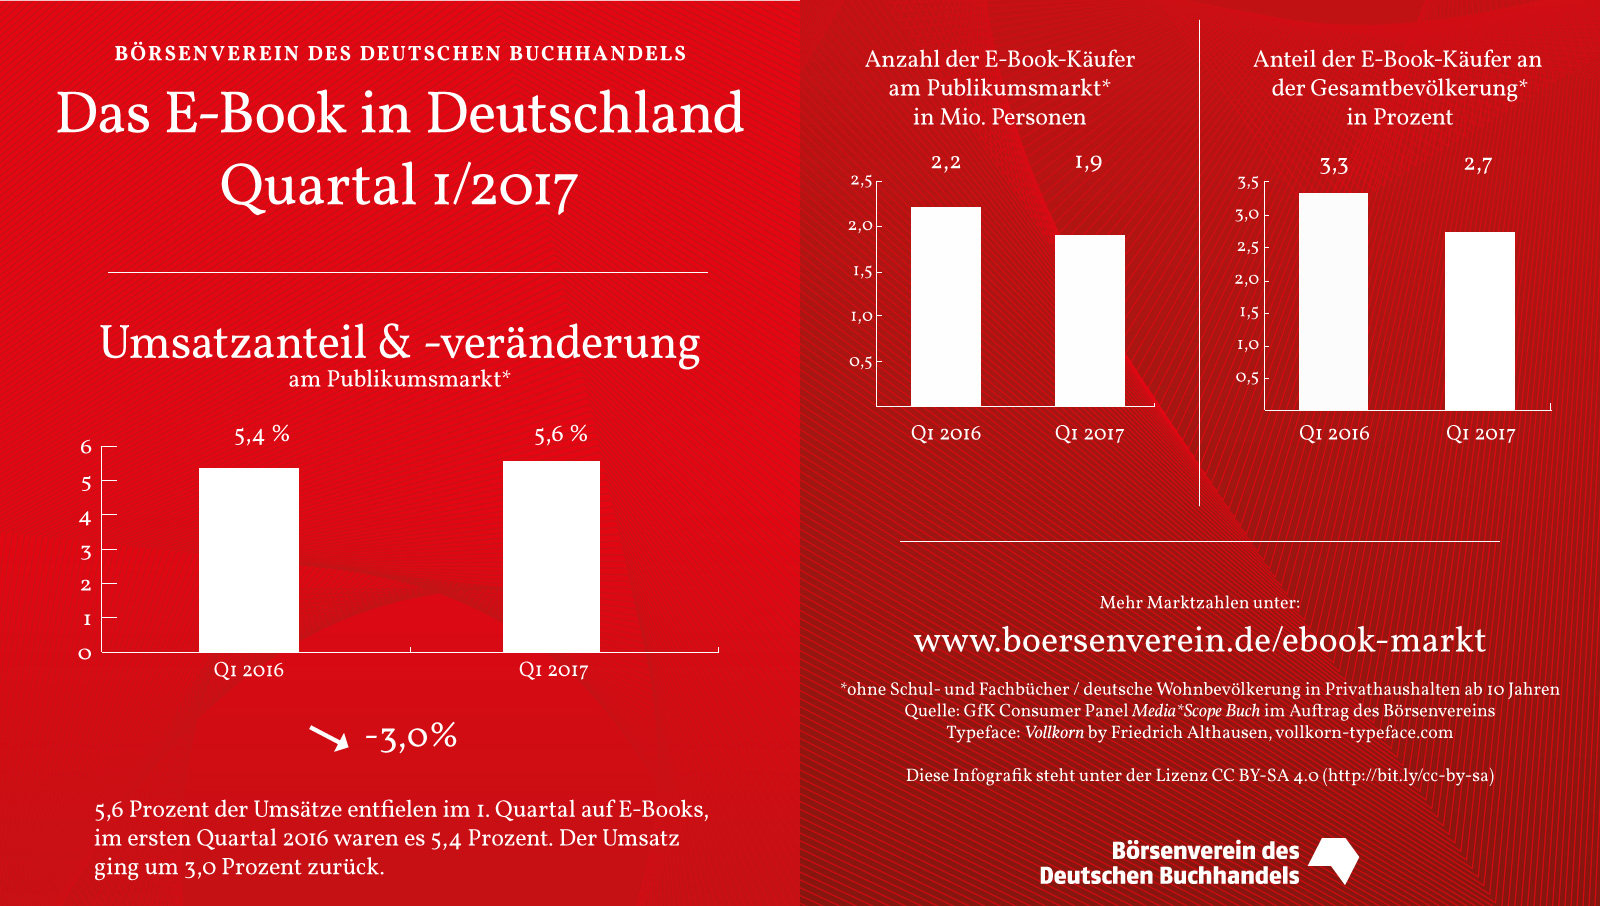 E-Book-Markt: Gesunkene Buchumsätze sorgen für höheren E-Book-Anteil